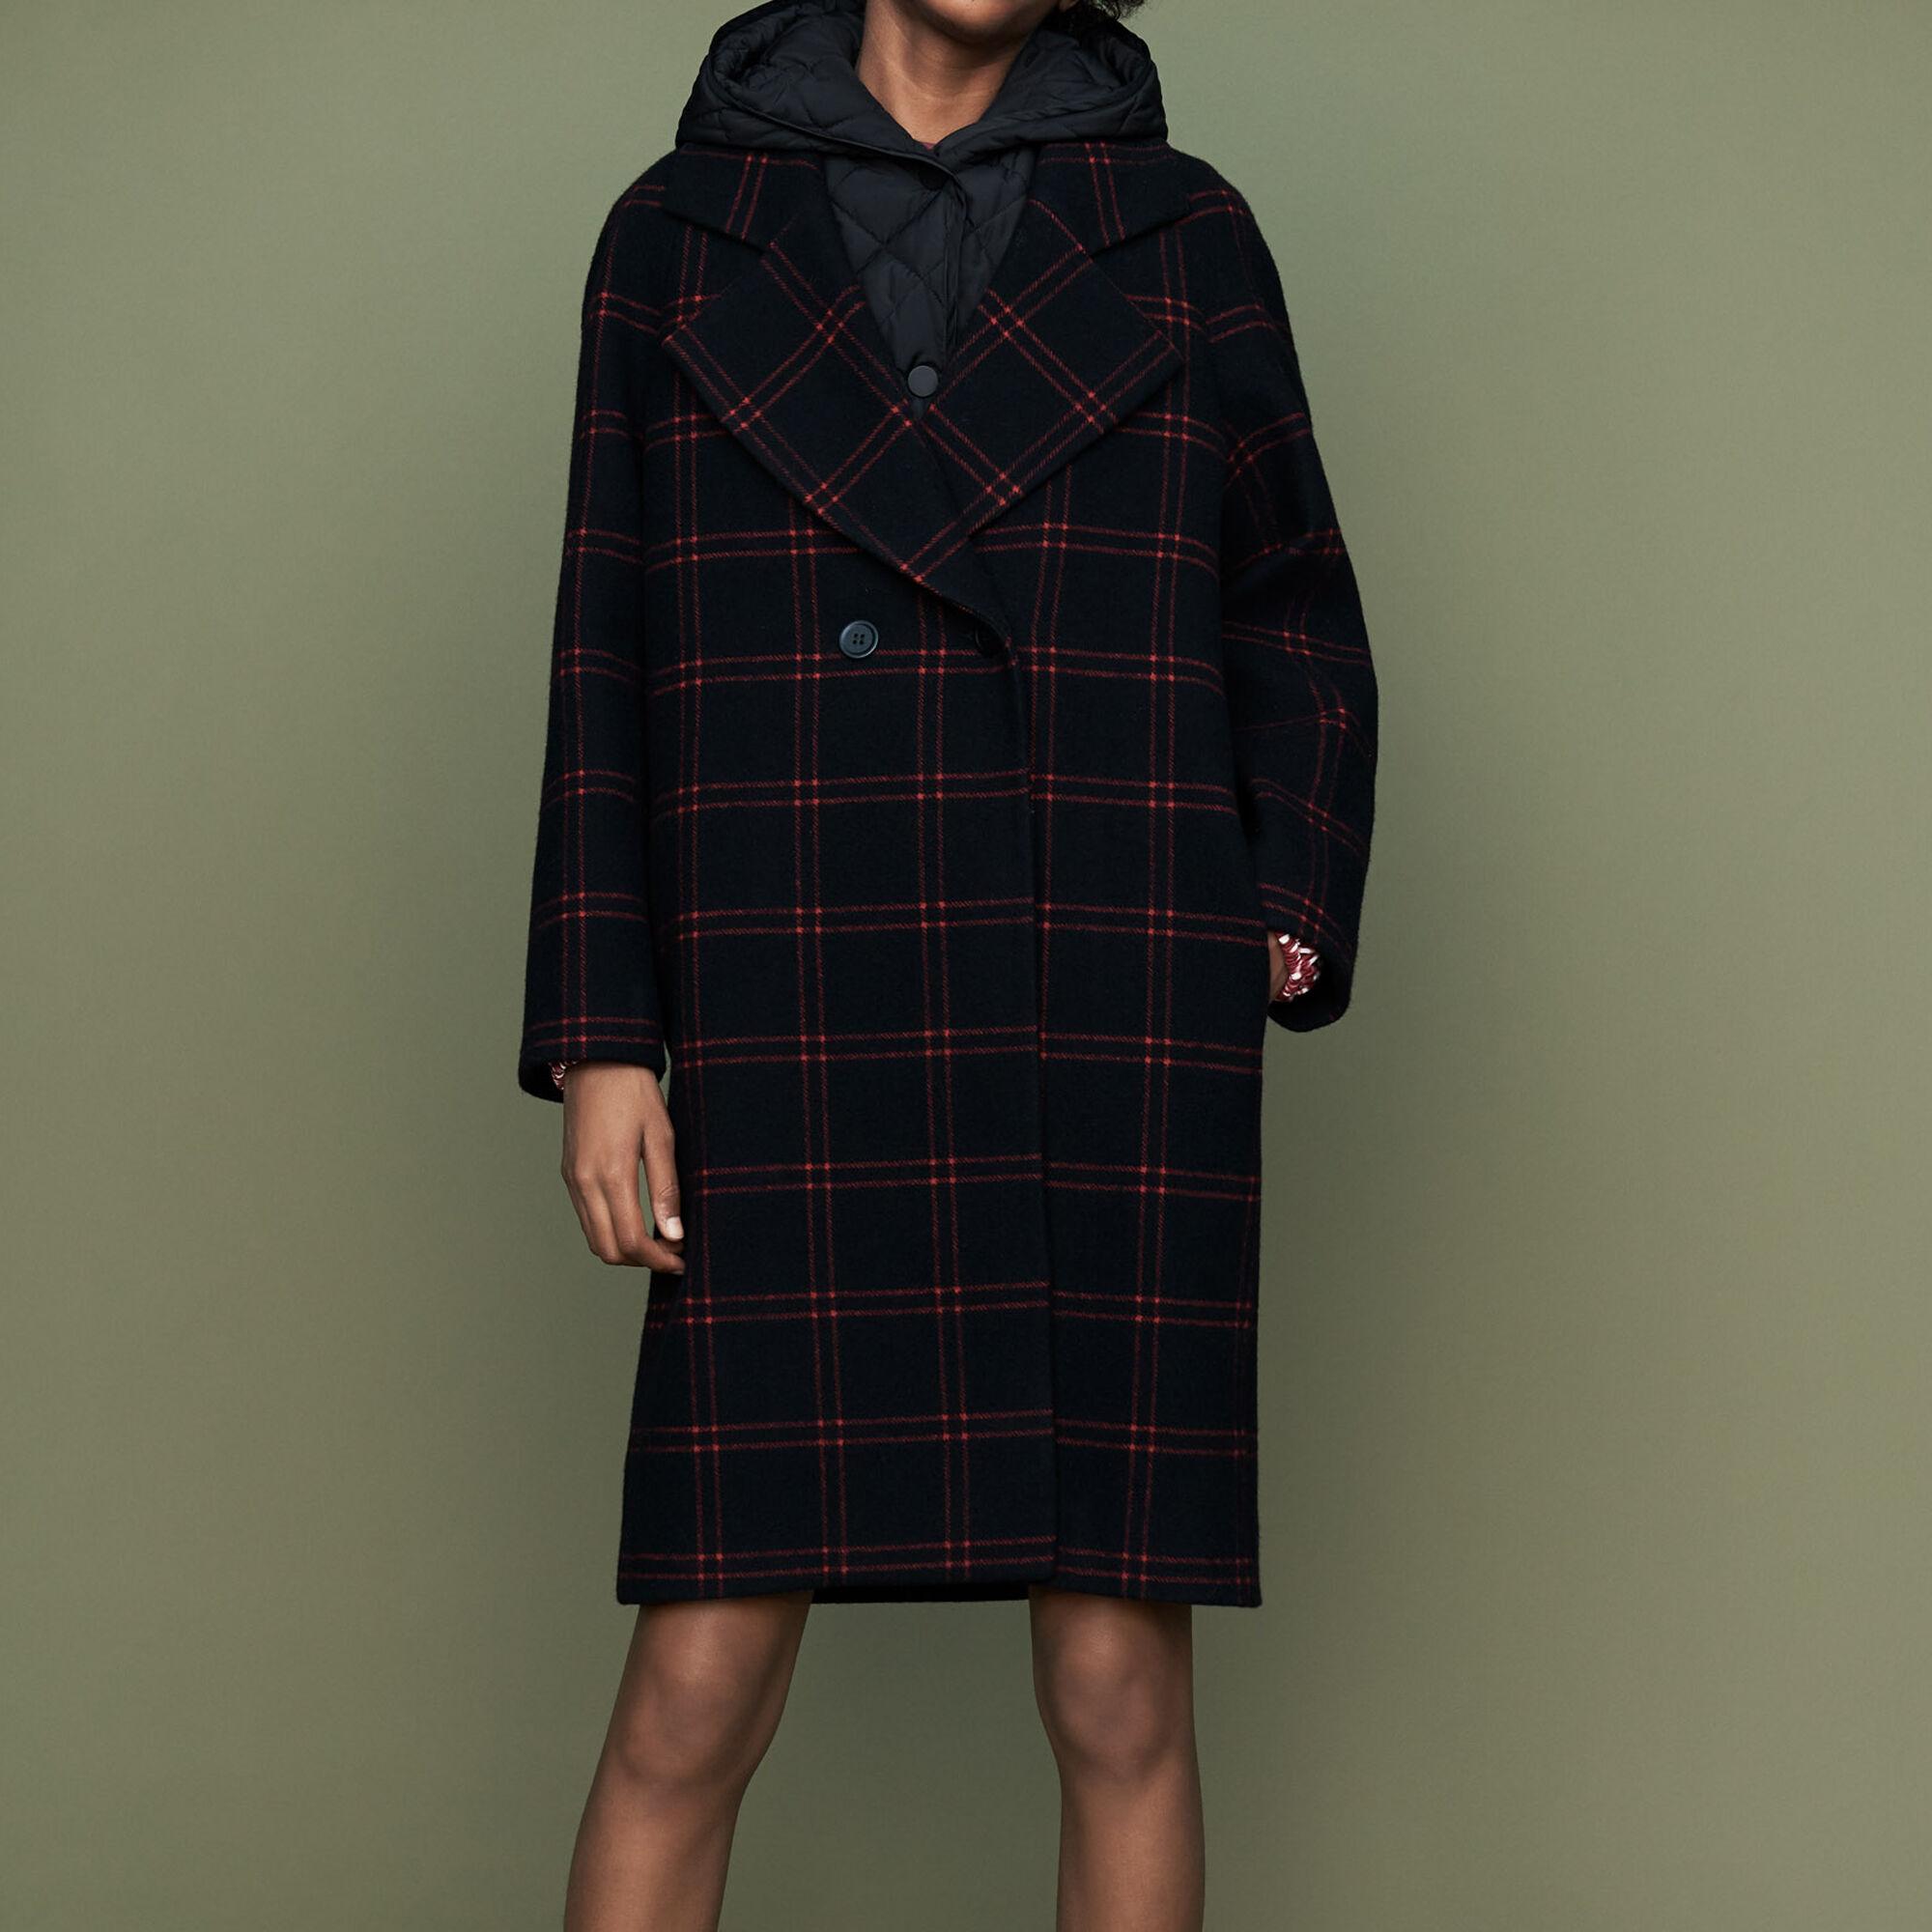 Prêt Manteaux femme pour Paris porter femmes à Maje pAwASqv5rx